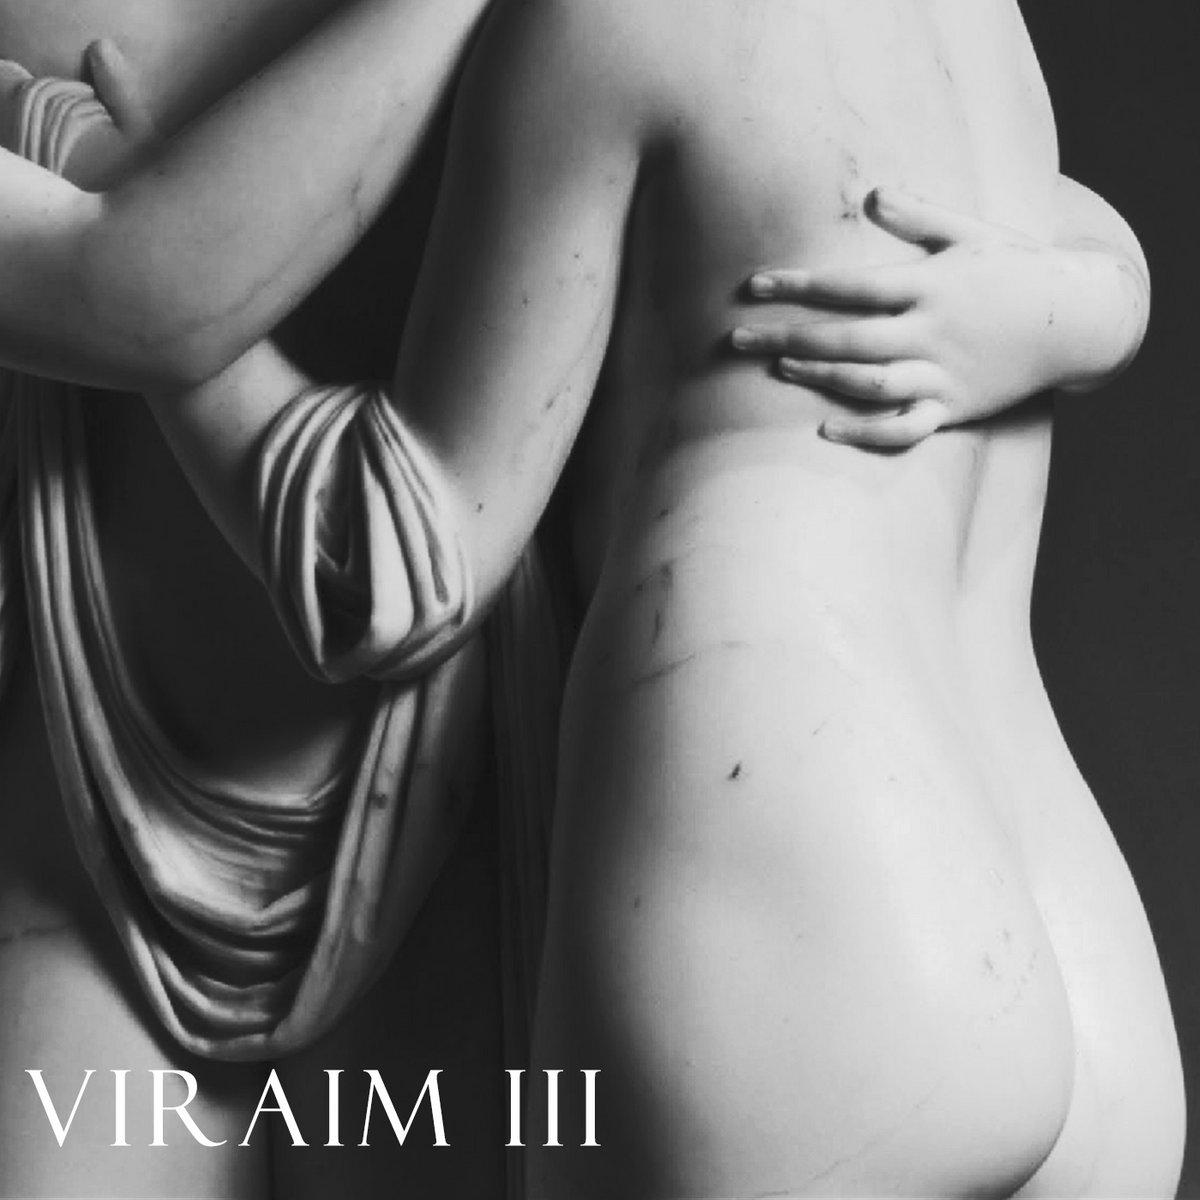 Viraim - Viraim III - Svart1 - TVS - Bandcamp - ascolti - singolo - 2021 - Sa Scena - 7 maggio 2021